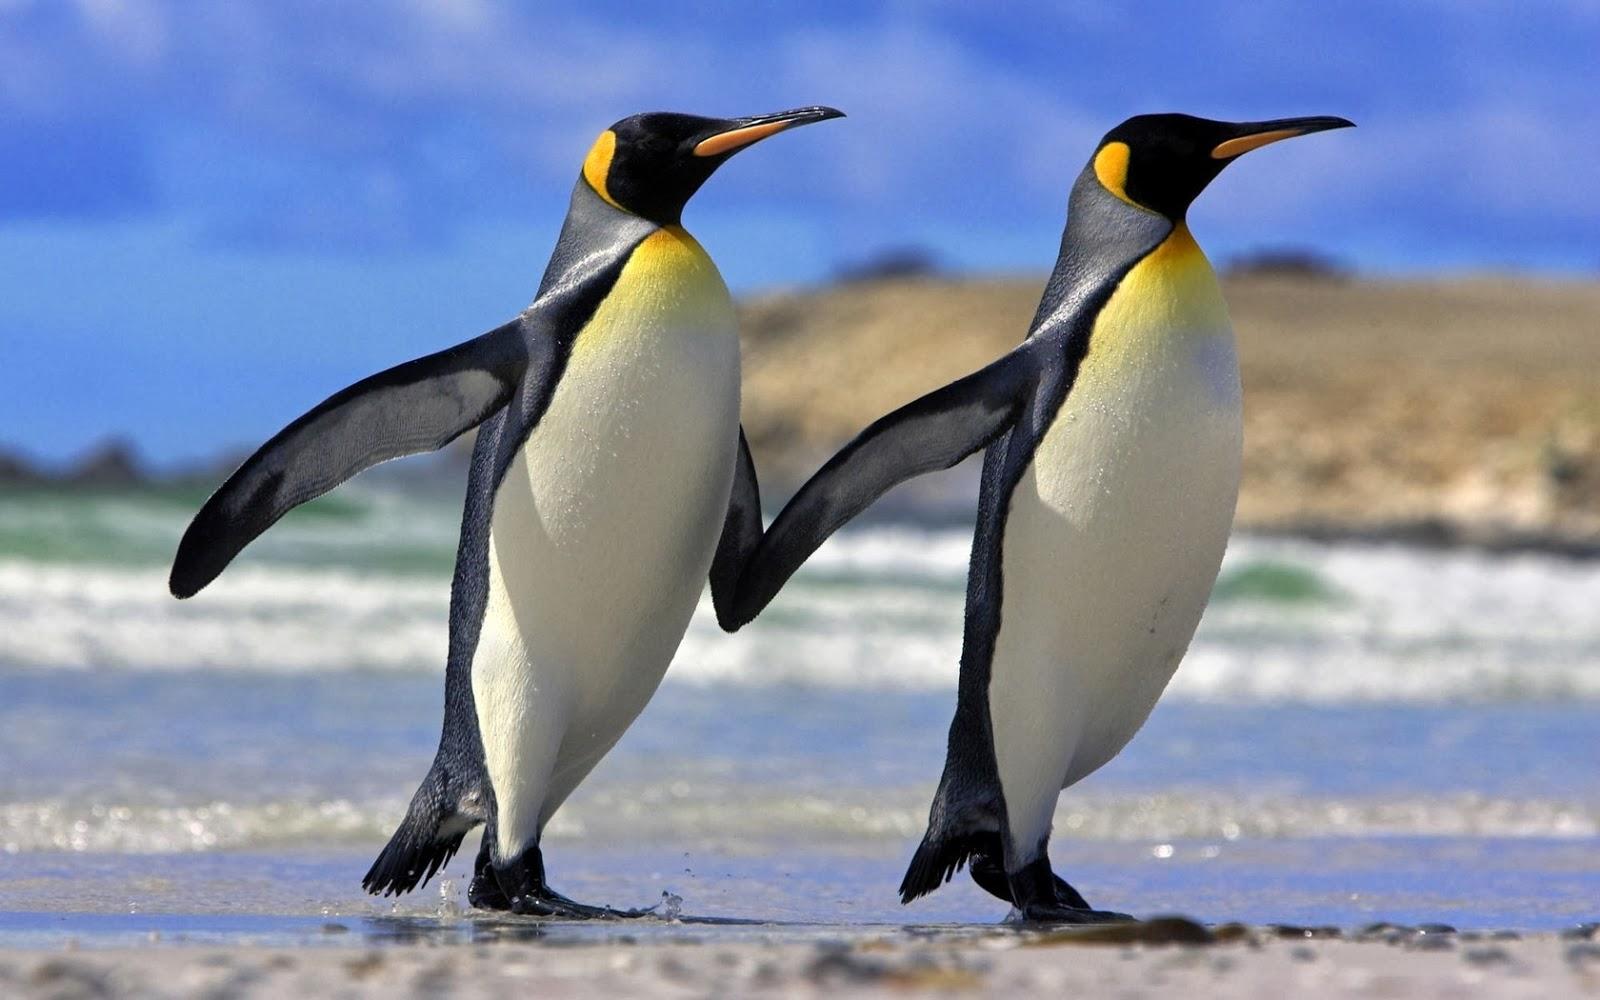 Fotos de animales salvajes, silvestres y domesticos Taringa! - imagenes de animales feroces